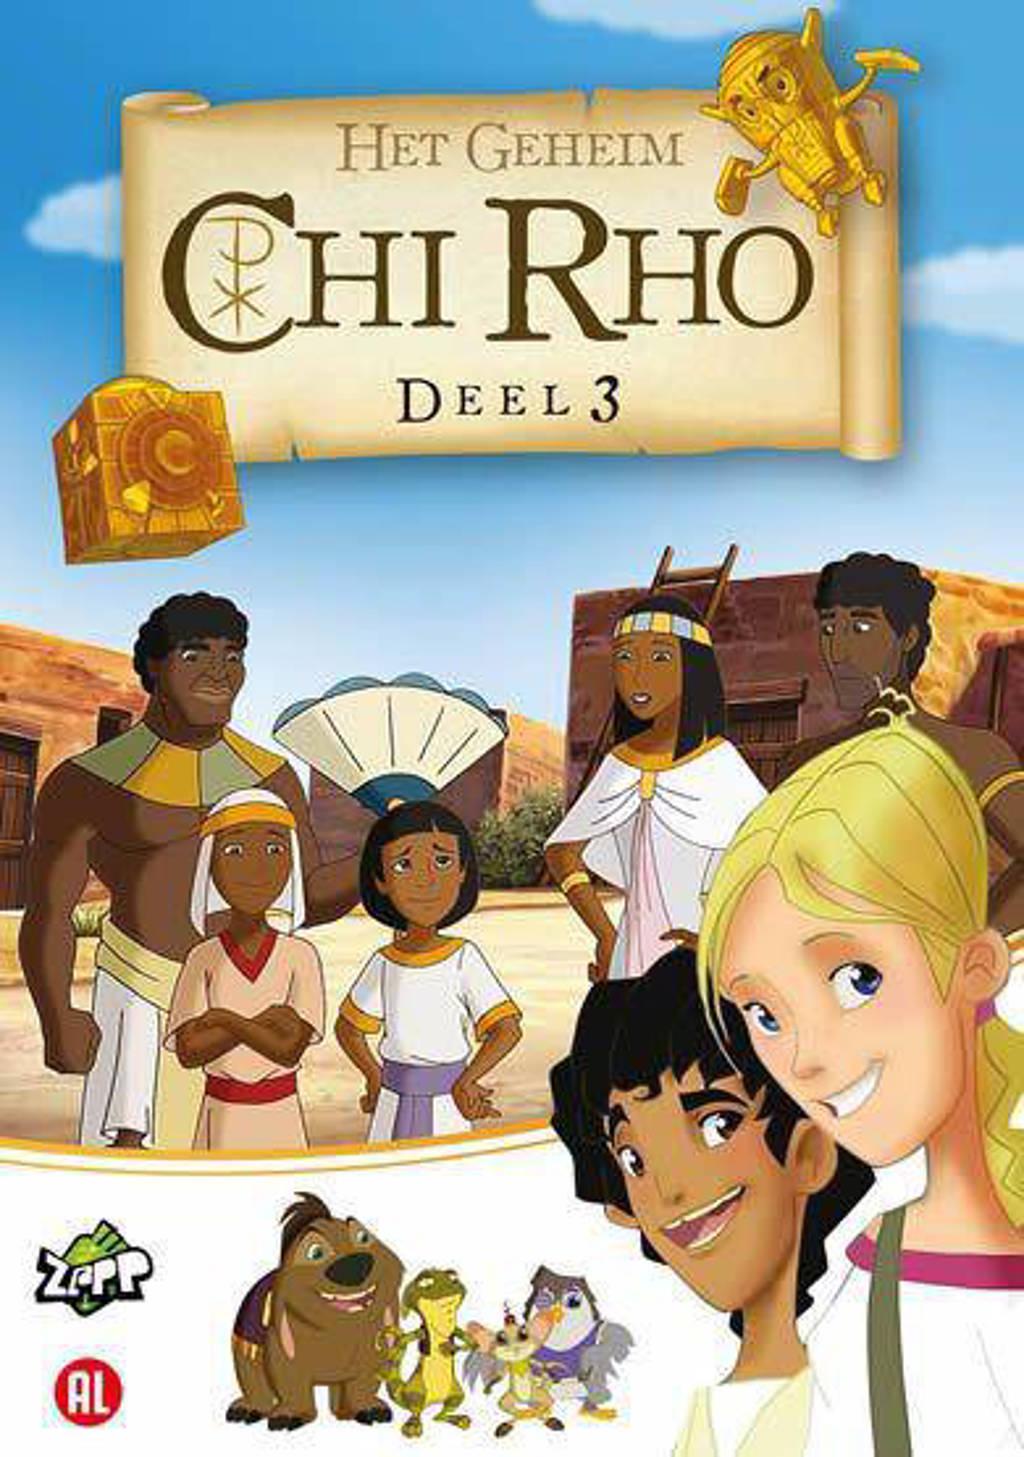 Chi Rho - Het geheim 3 (DVD)